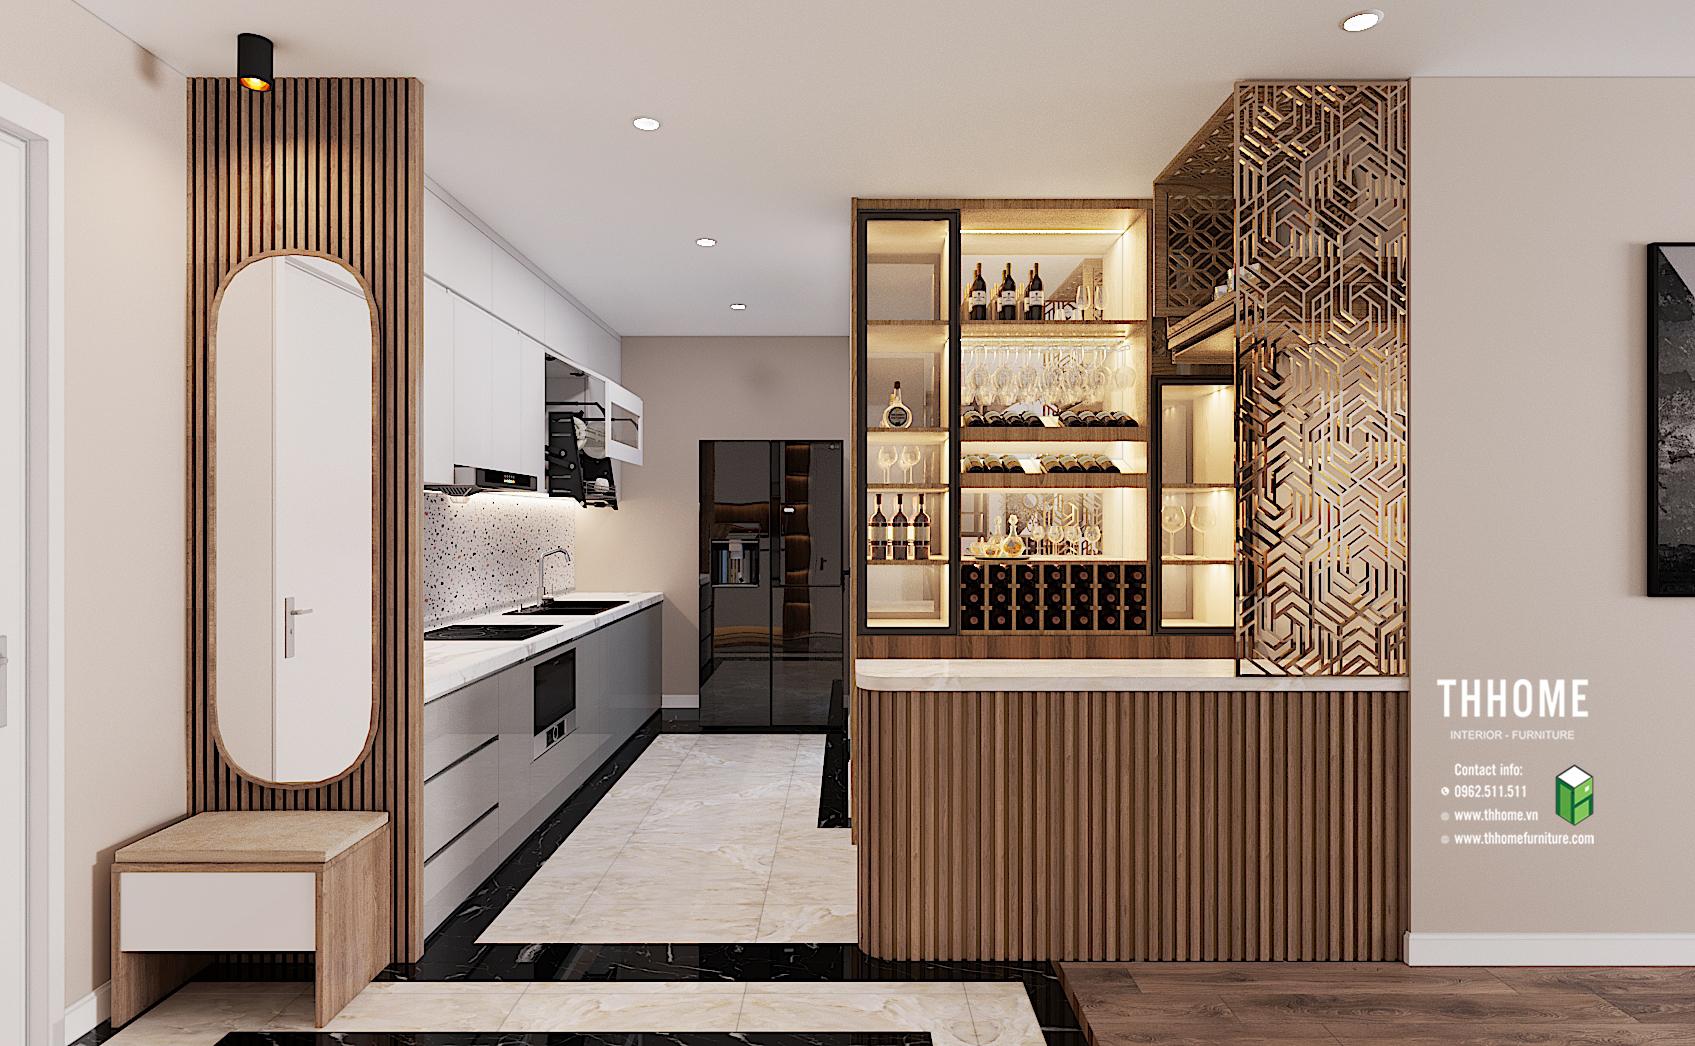 Kết hợp vật liệu tự nhiên và công nghiệp trong thiết kế nội thất phong cách hiện đại